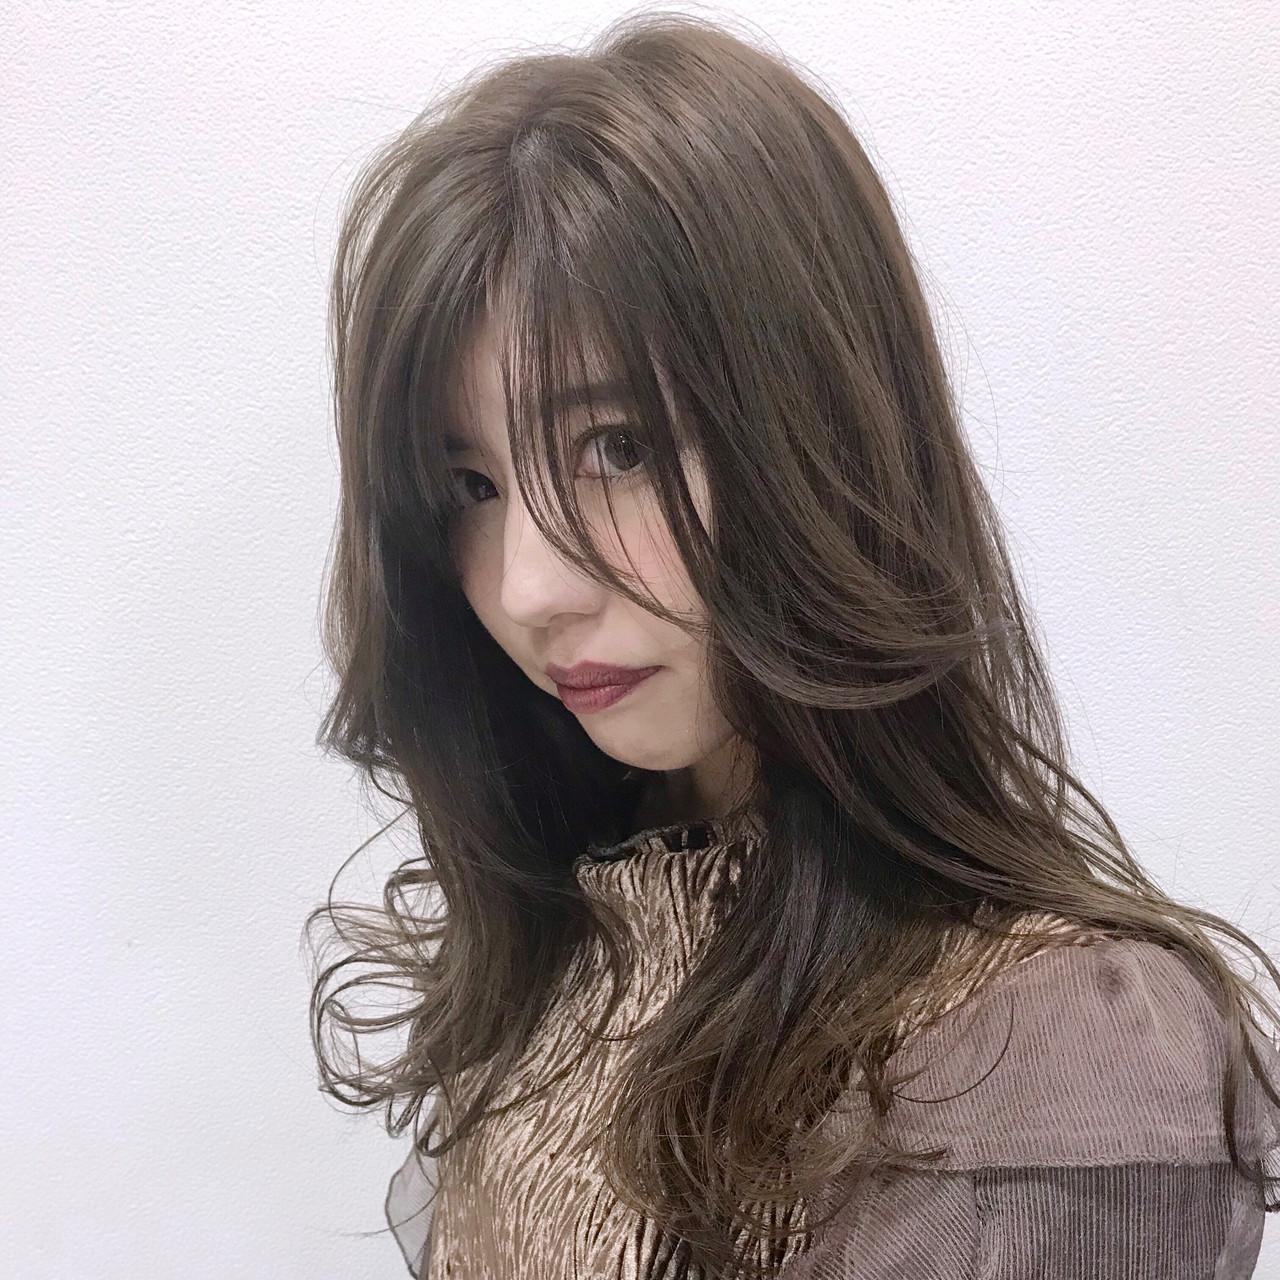 セミロング アッシュグレージュ アンニュイほつれヘア フェミニン ヘアスタイルや髪型の写真・画像 | 村西 郁人 / rue